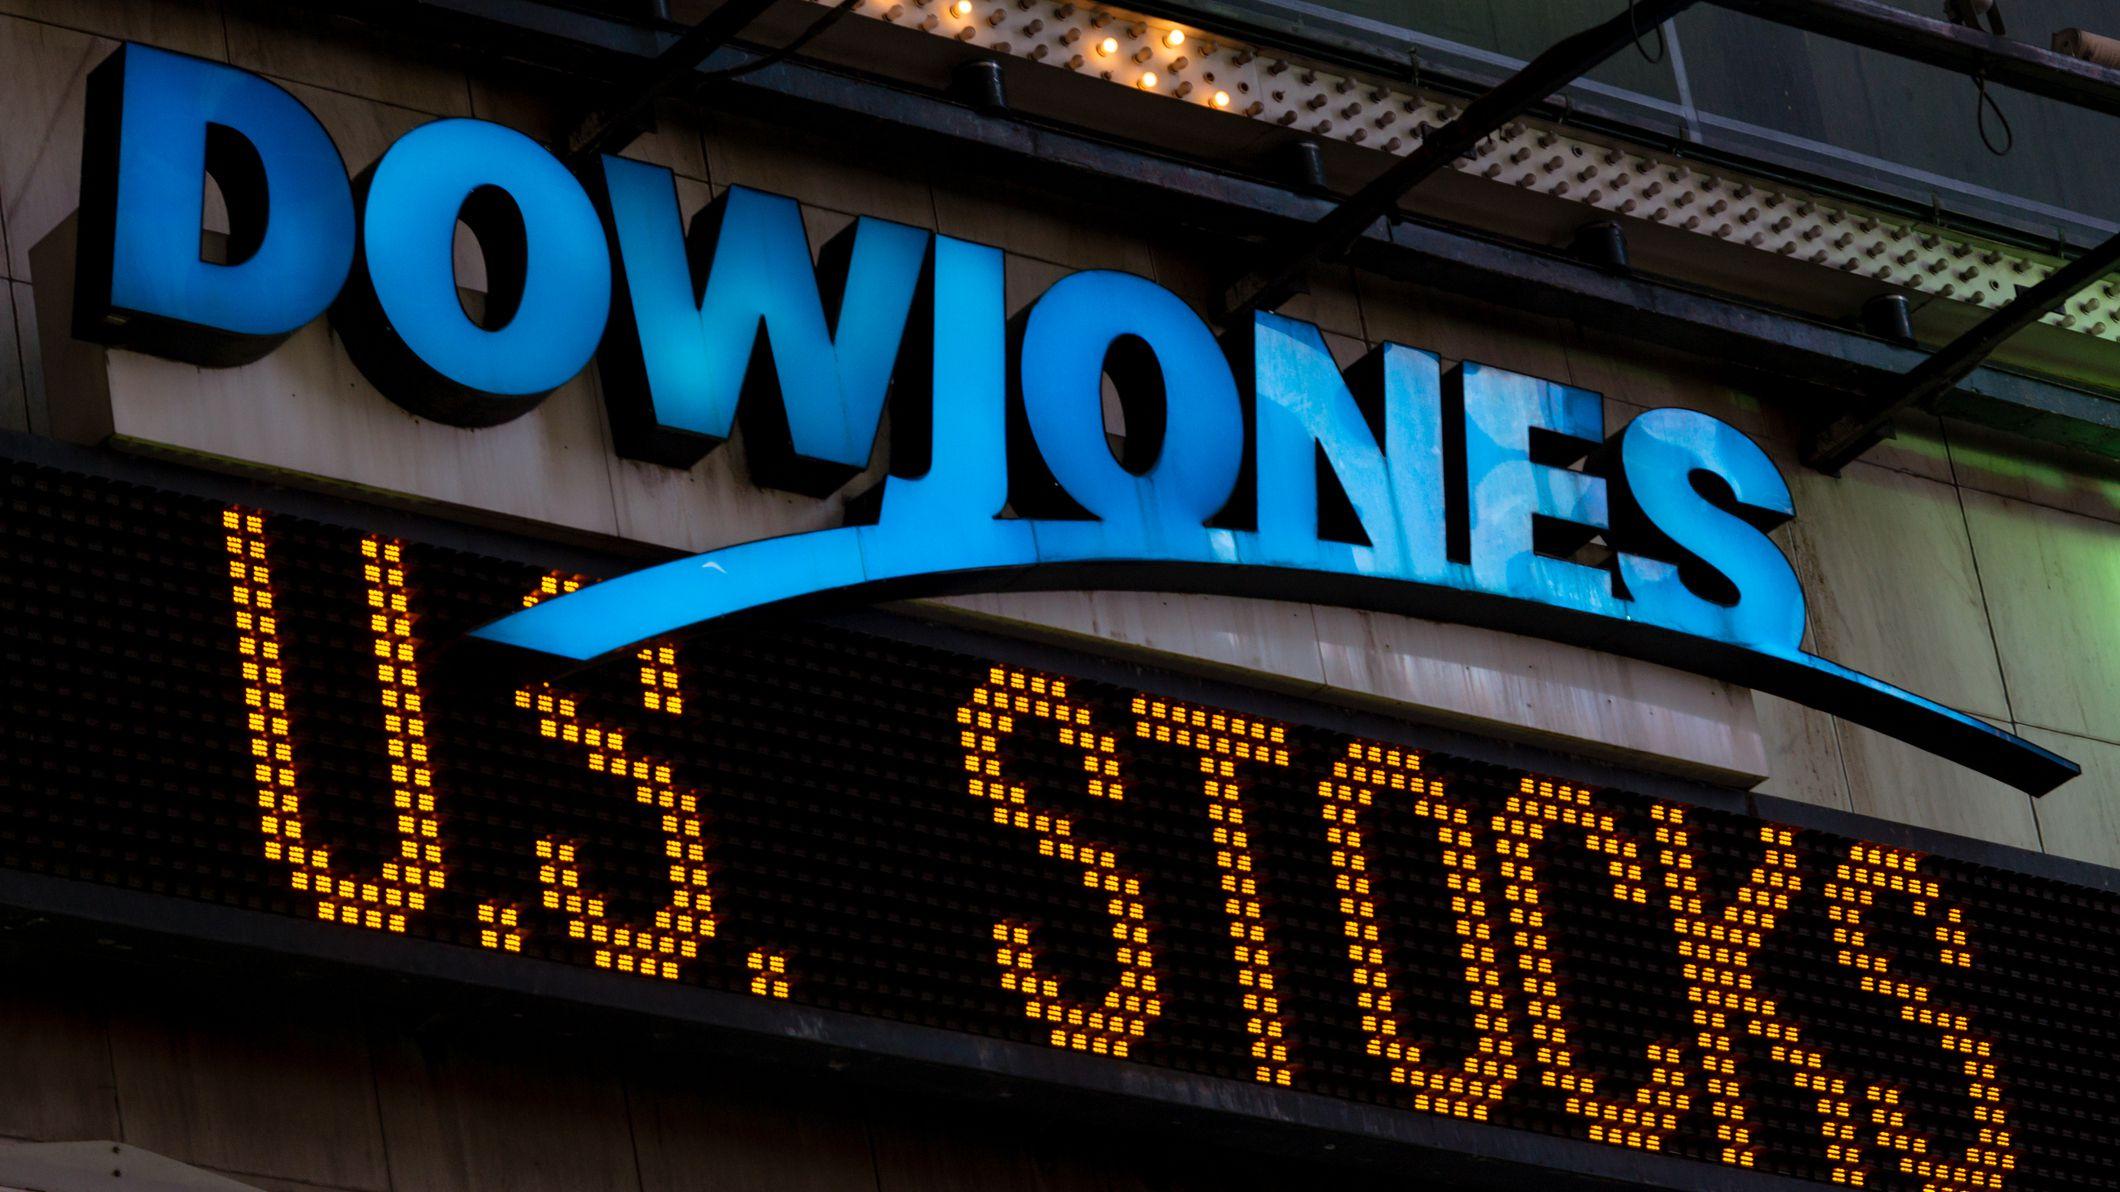 30 000 bodový Dow Jones by mohol prilákať viac investorov - Burzovnisvet.cz - Akcie, kurzy, burza, forex, komodity, IPO, dluhopisy - zpravodajství